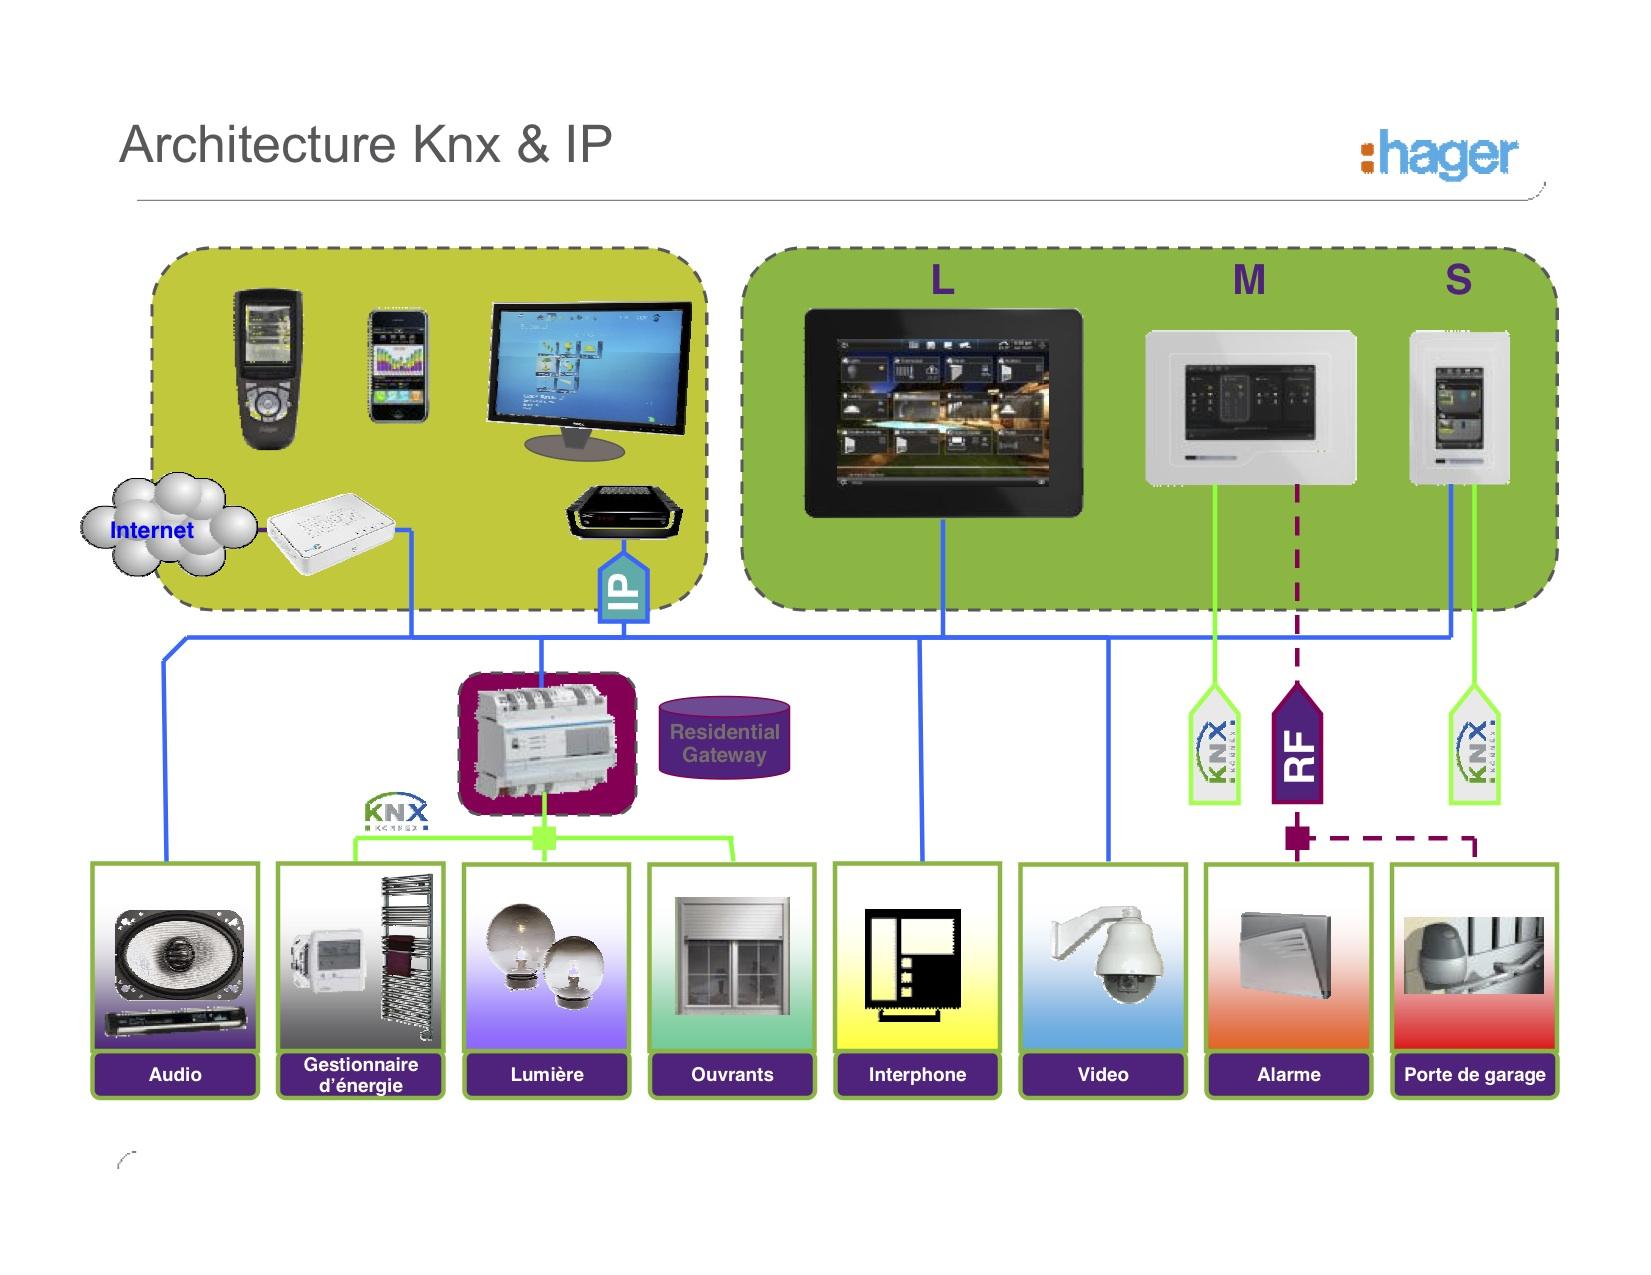 La domotique electricit g n rale for Architecture knx